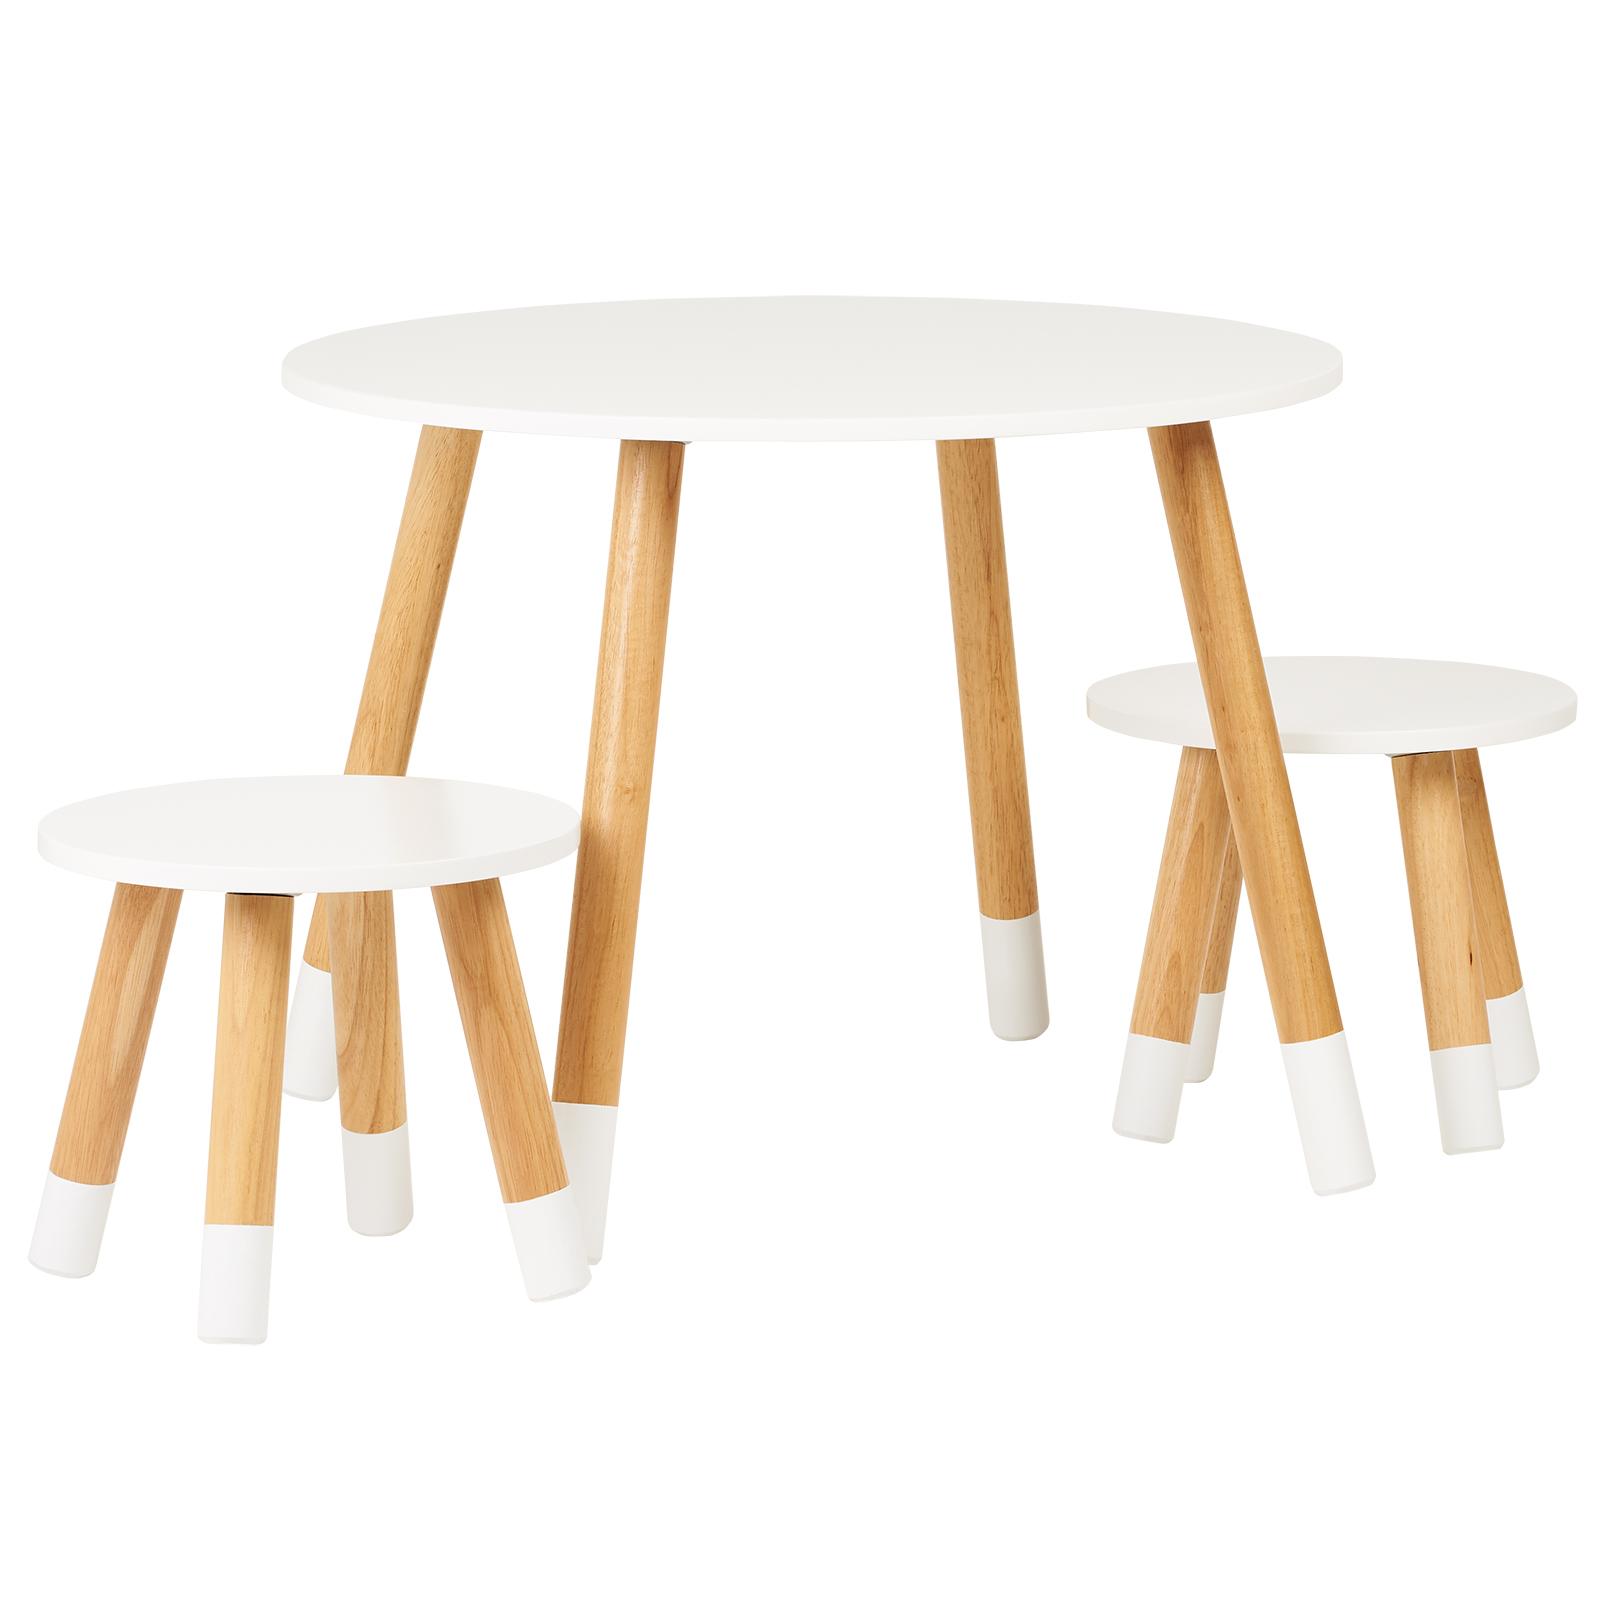 Set Tavolo E Sedie Bambini.Dettagli Su Set Tavolo E Sedie Per Bambini Hartleys Tavolini Seggiolino Sgabello Bambino